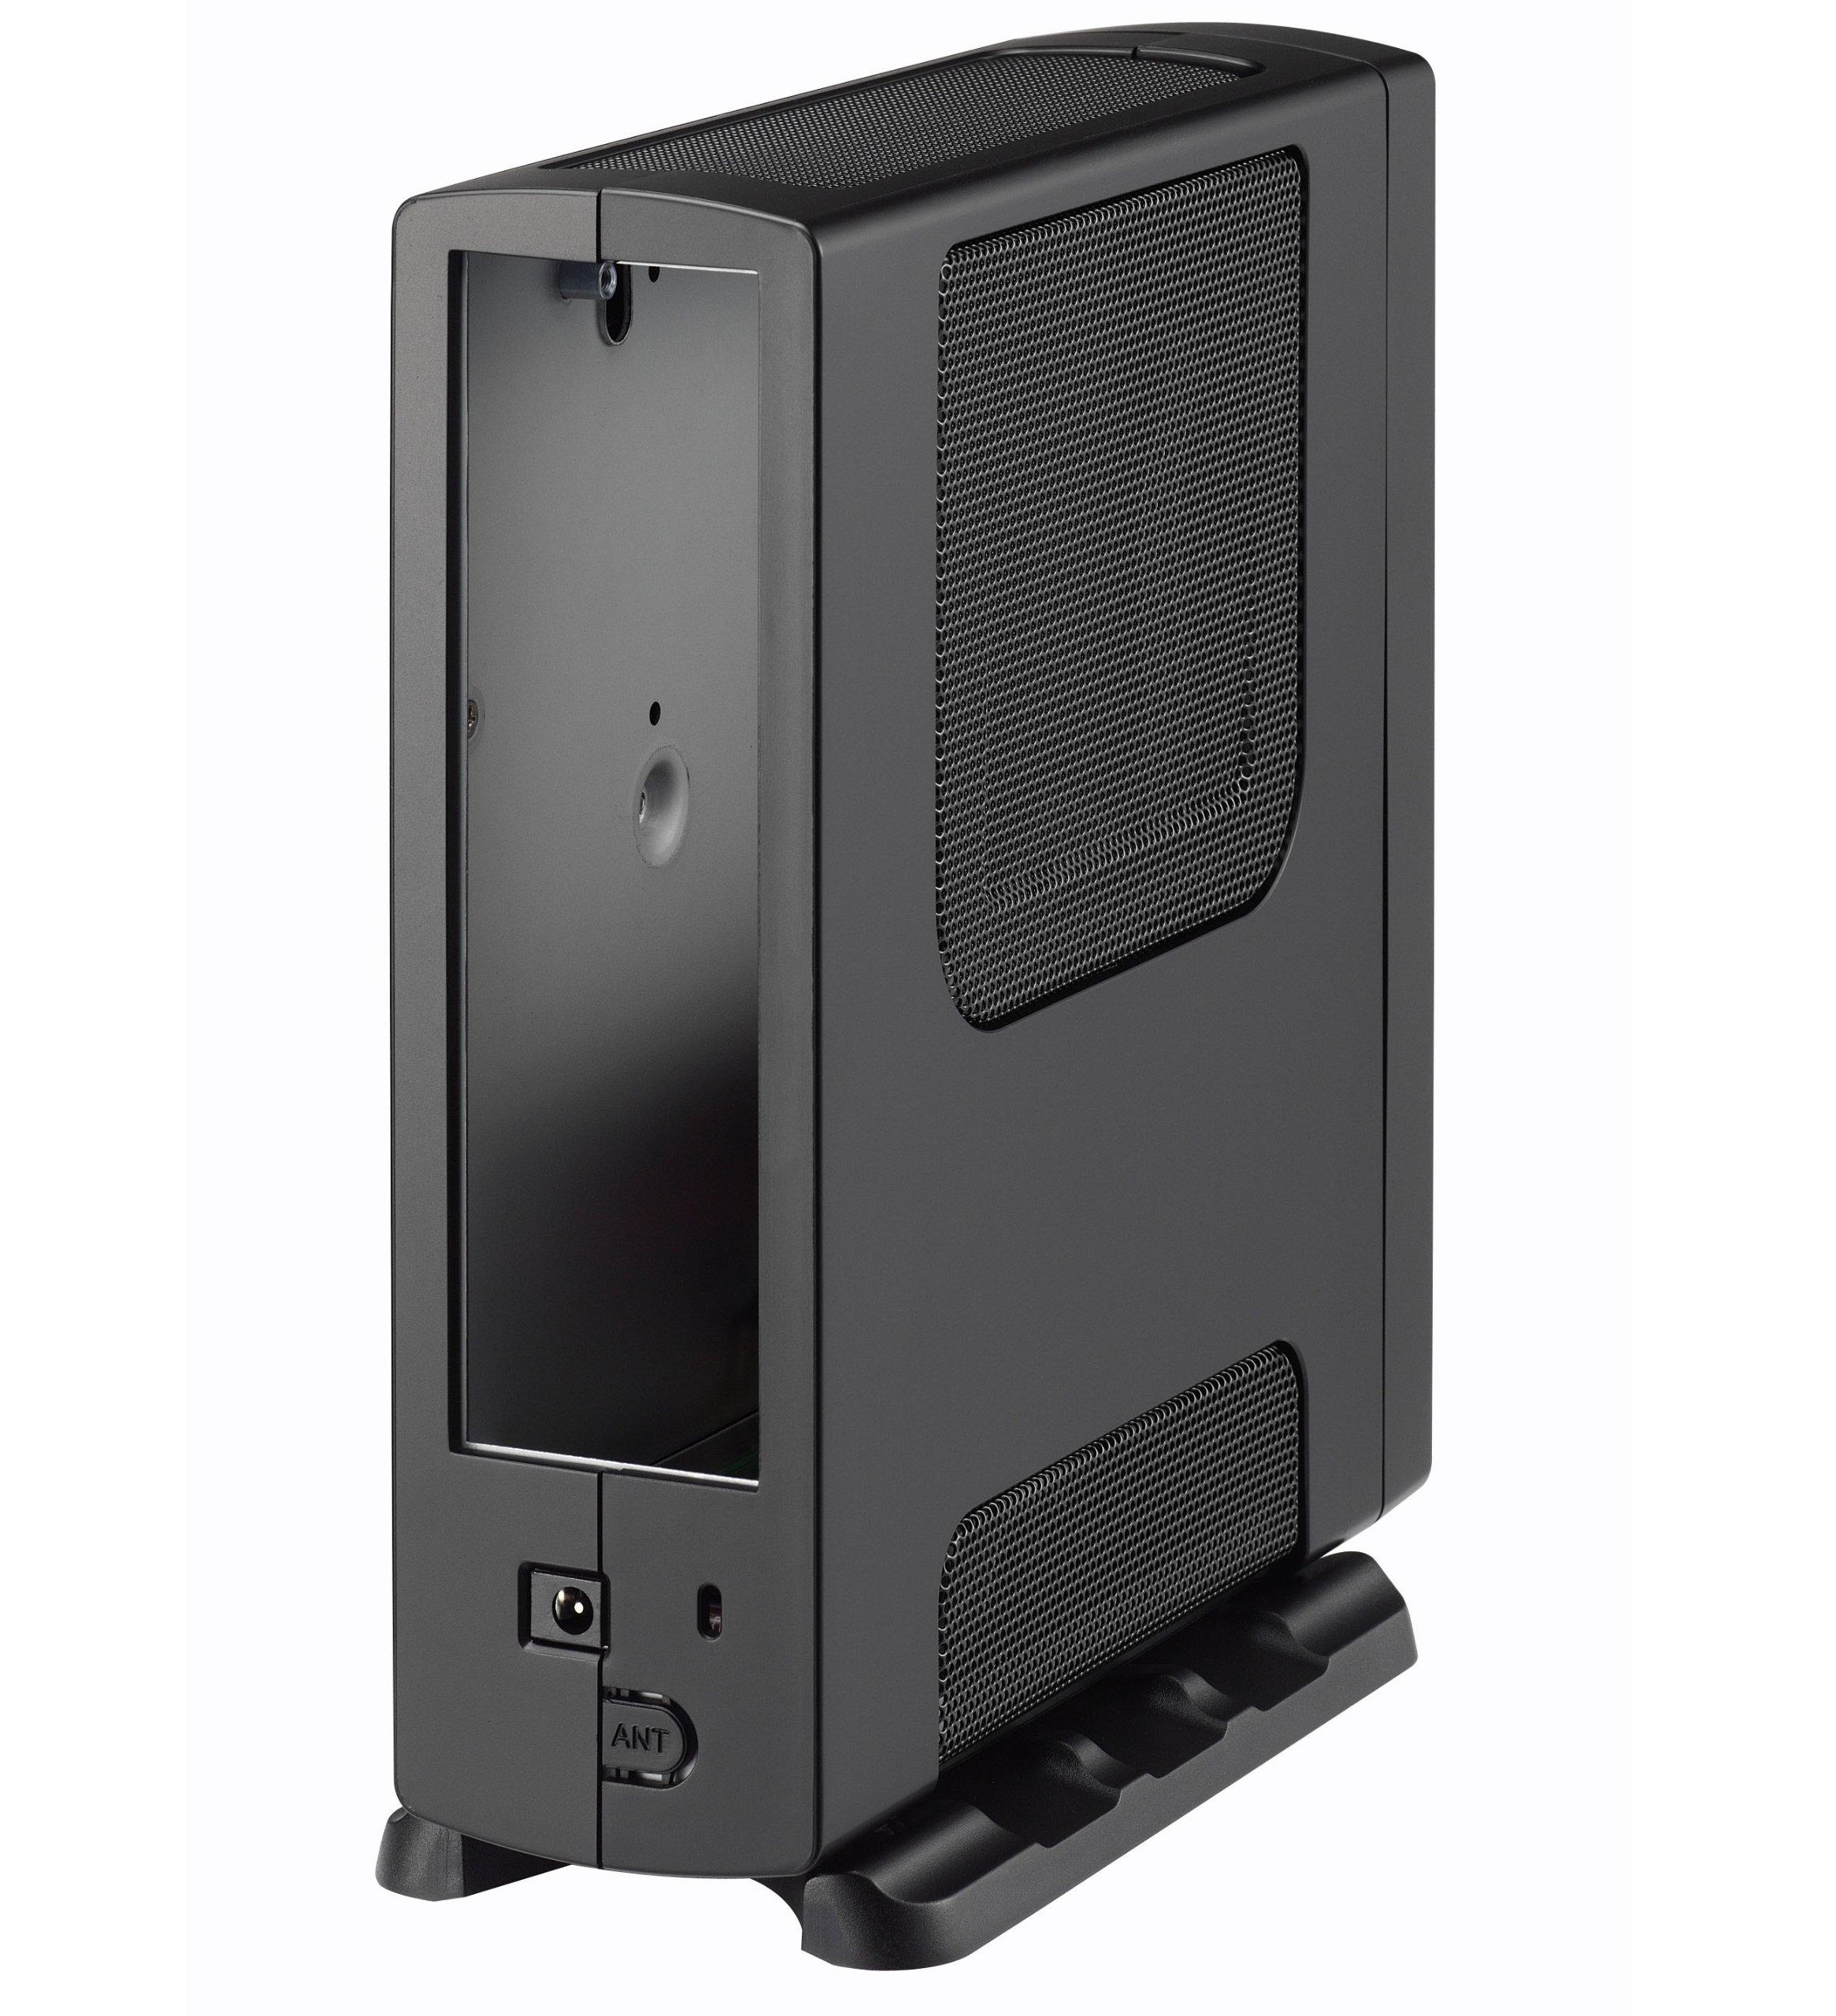 Morex T3410 Silent, Fanless VESA Mini-ITX Case w/60W PS by Morex (Image #3)